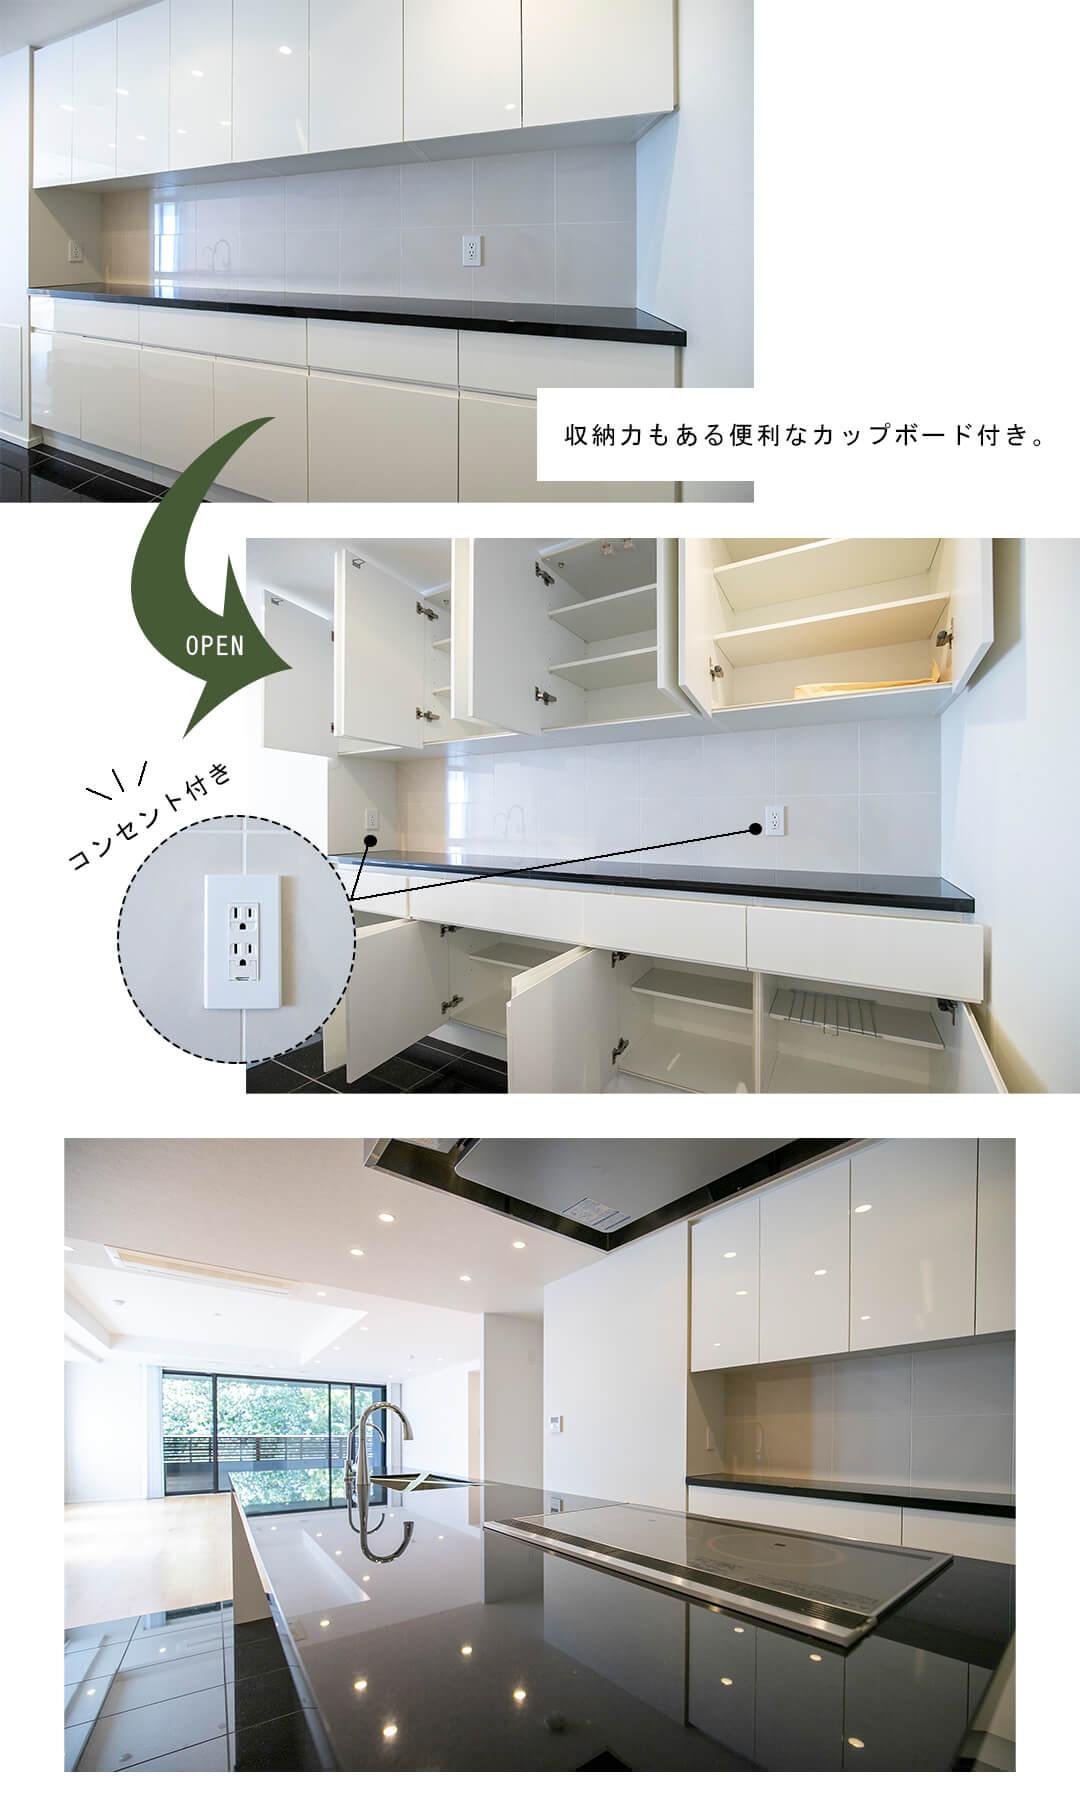 フォレセーヌ赤坂檜坂のキッチン